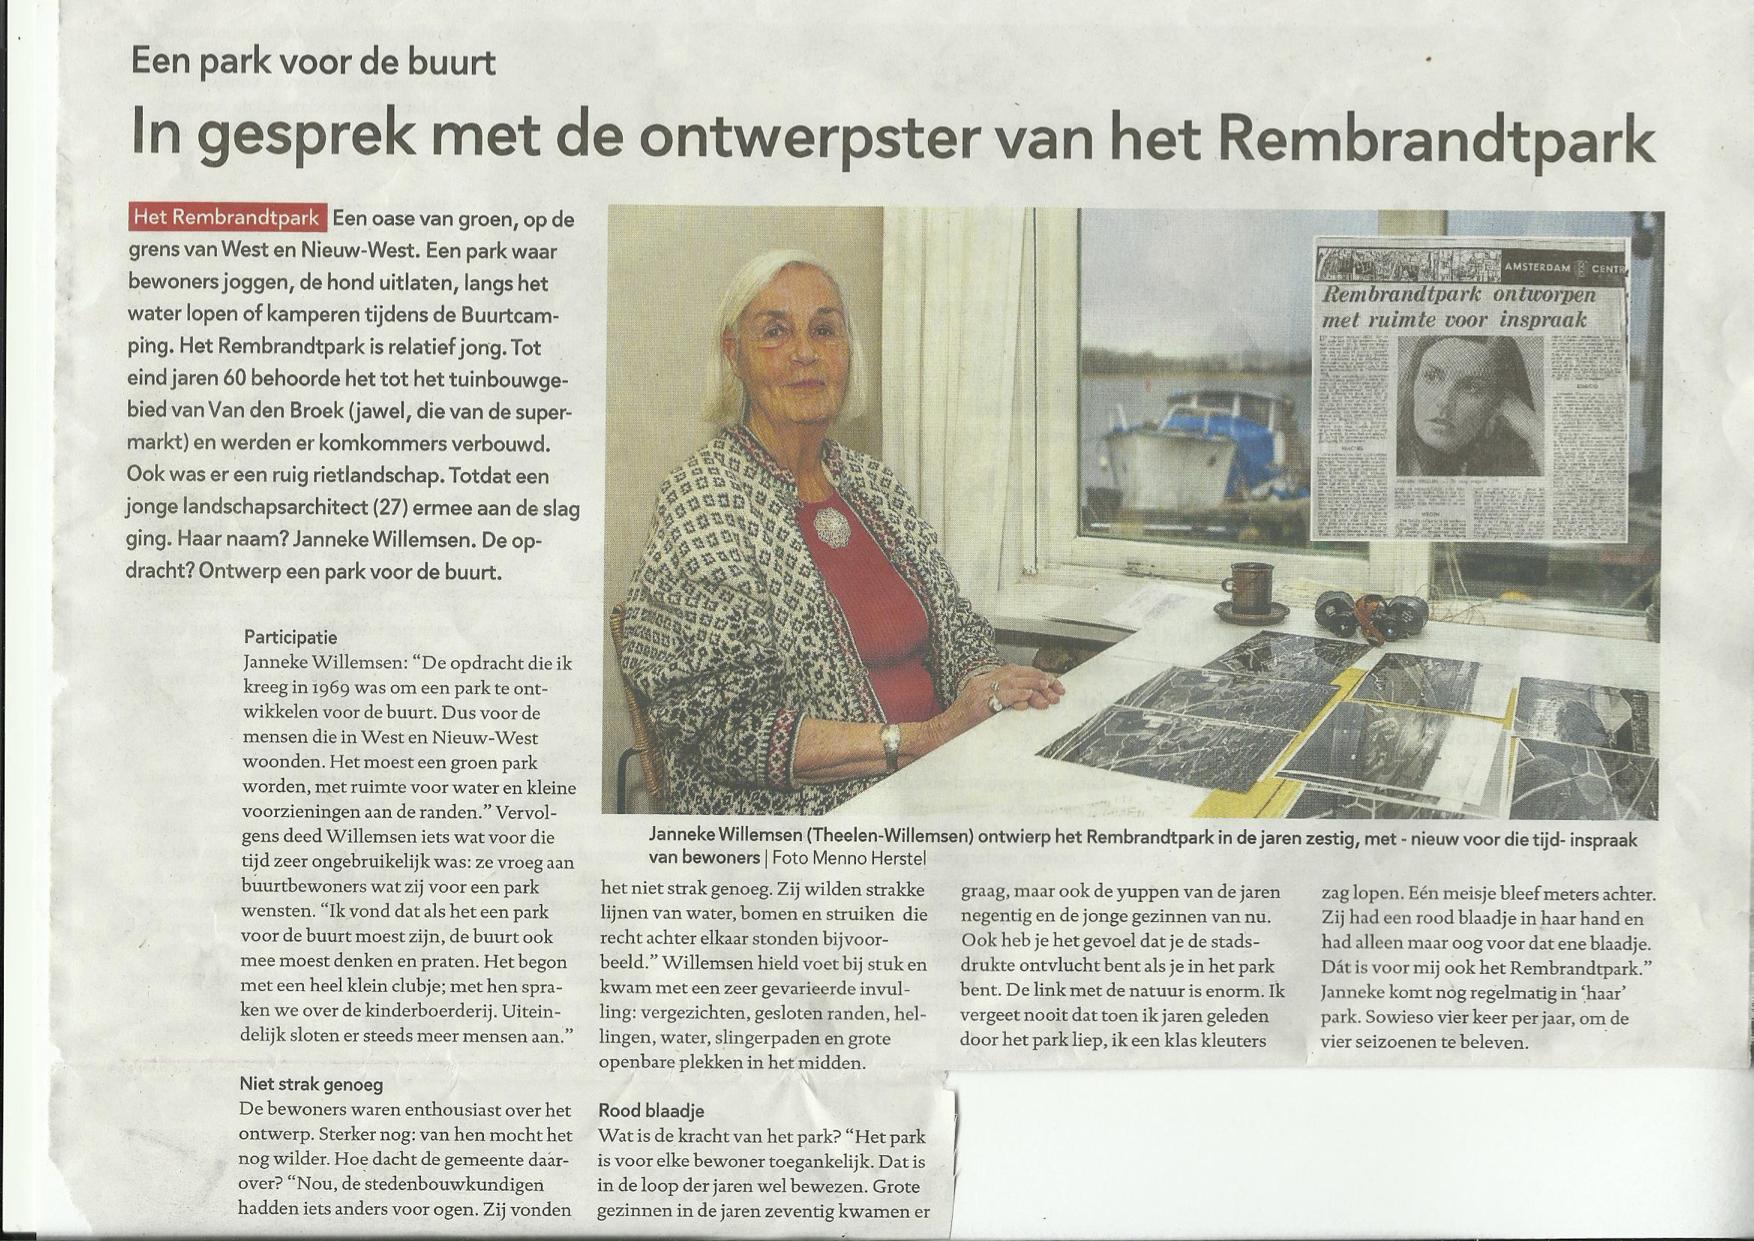 Janneke-Willemsen